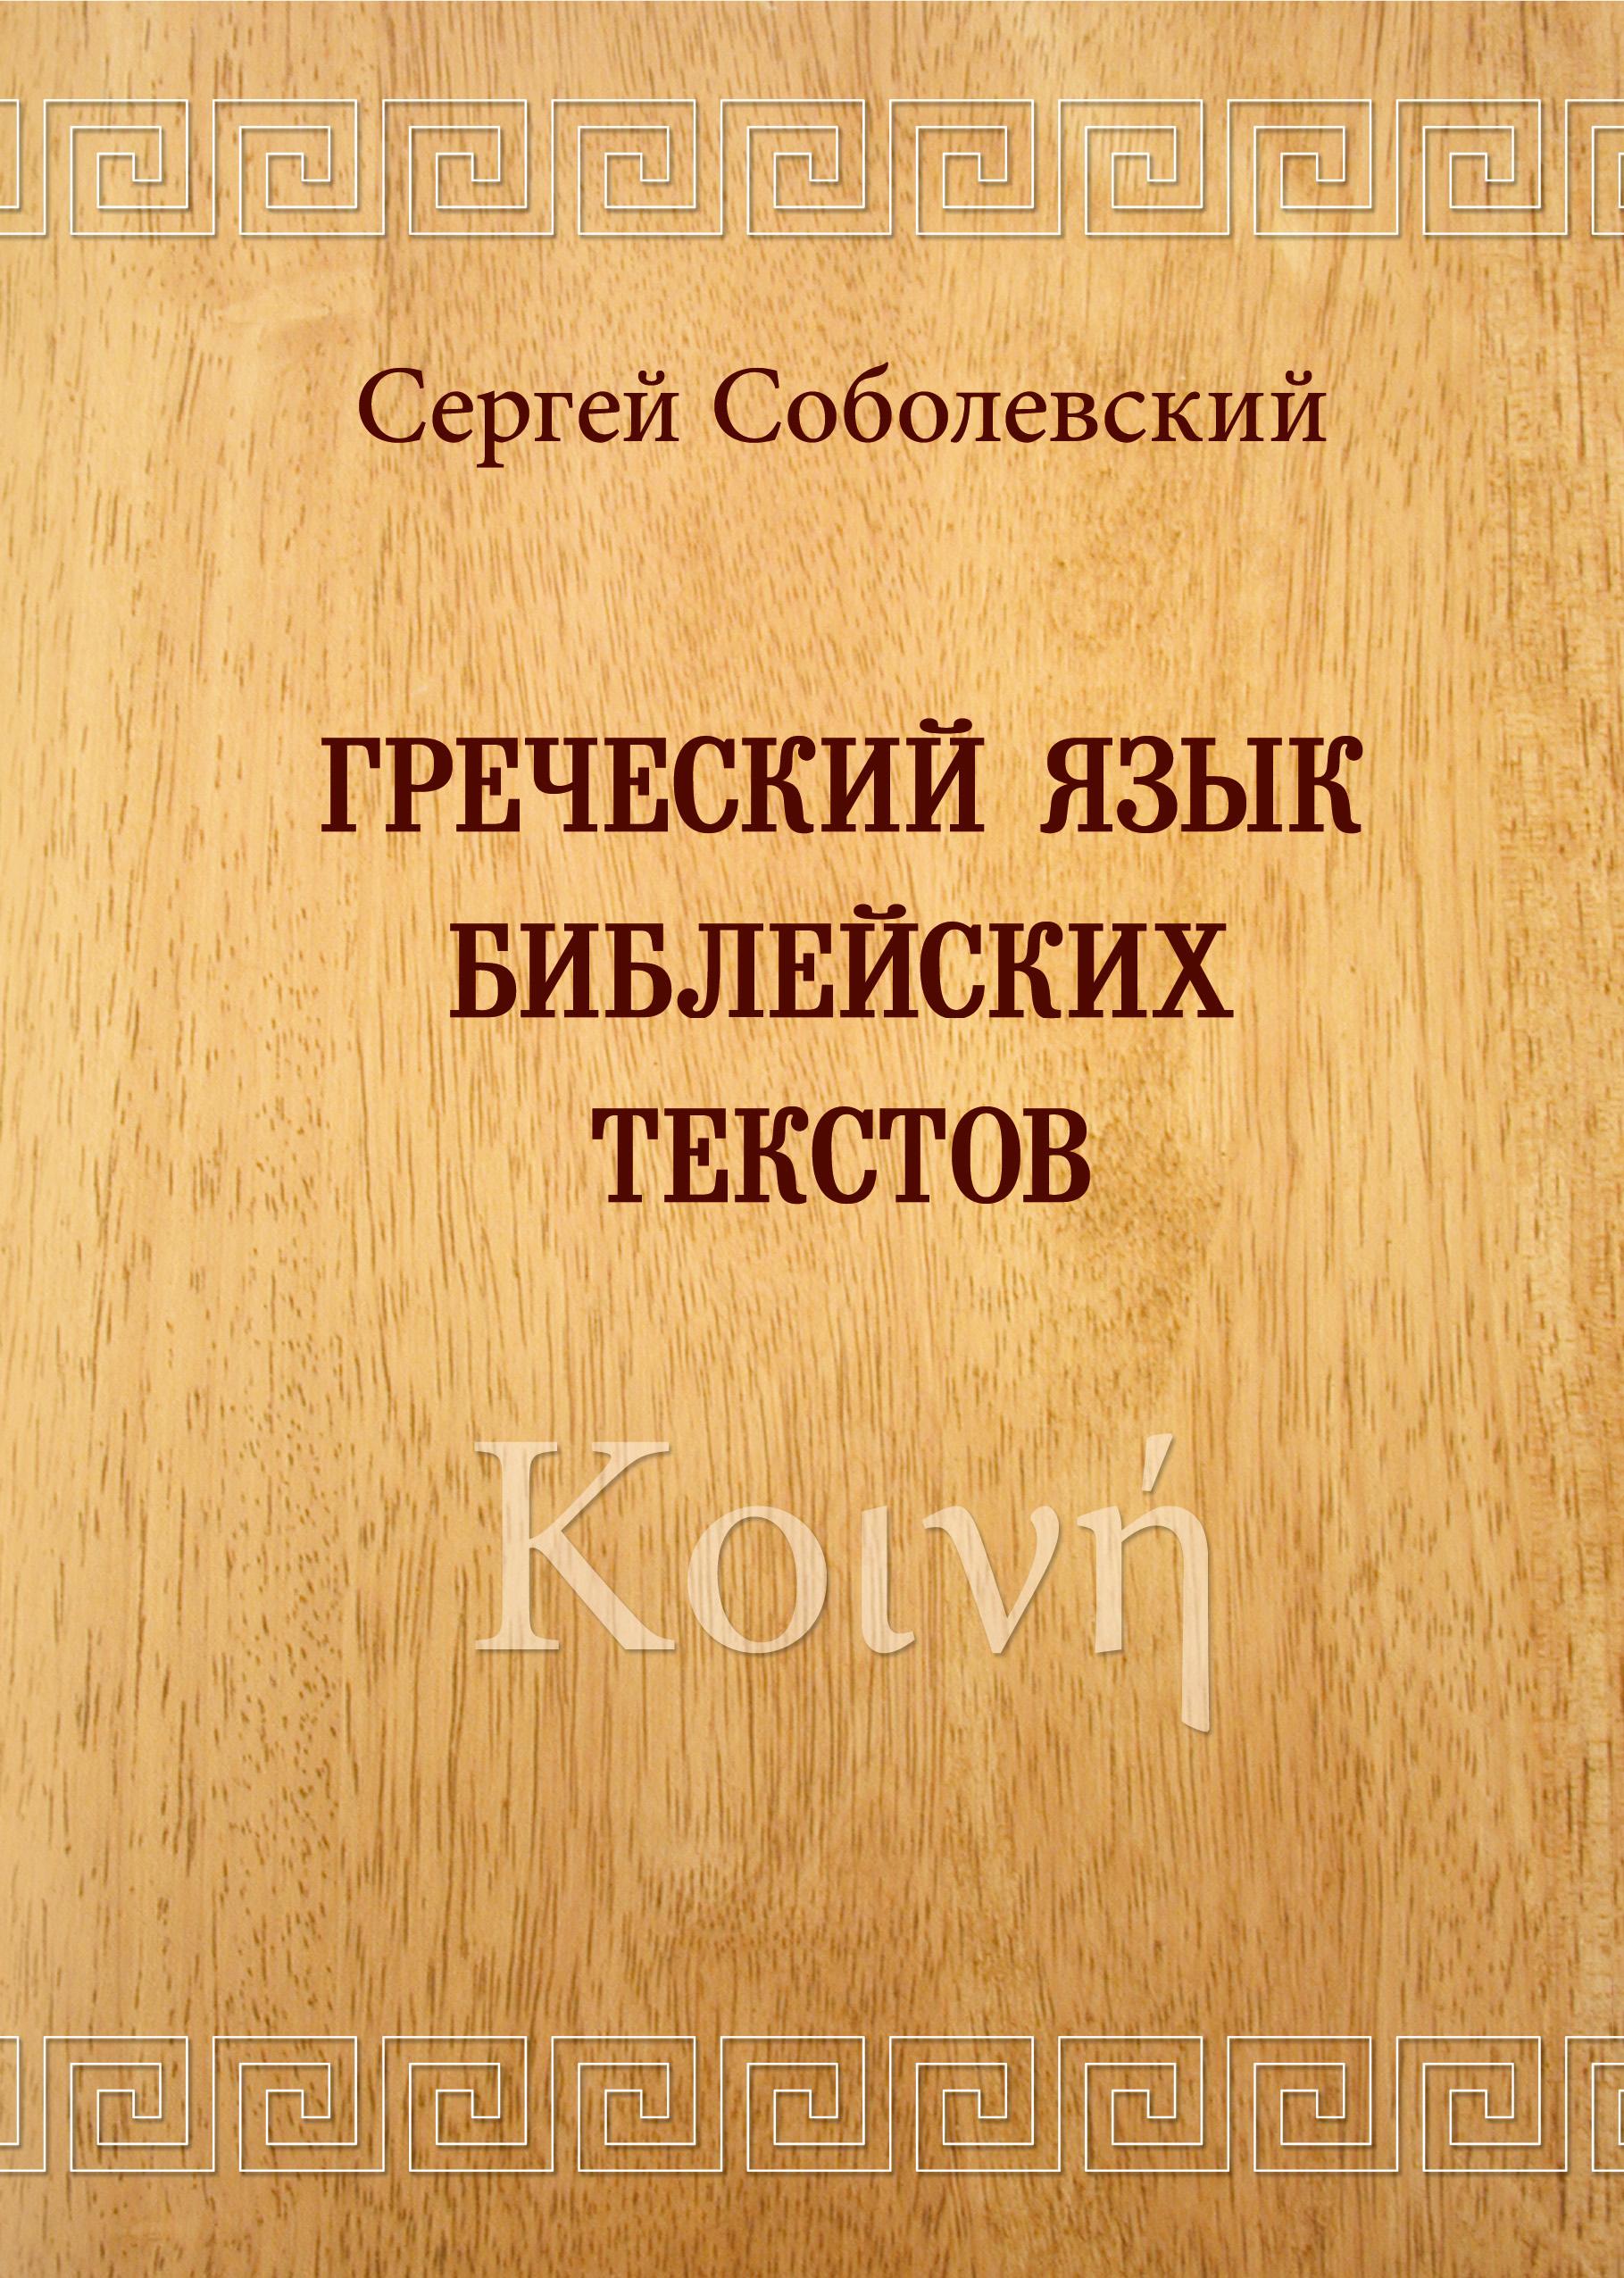 Сергей Иванович Соболевский Греческий язык библейских текстов. Κοινή